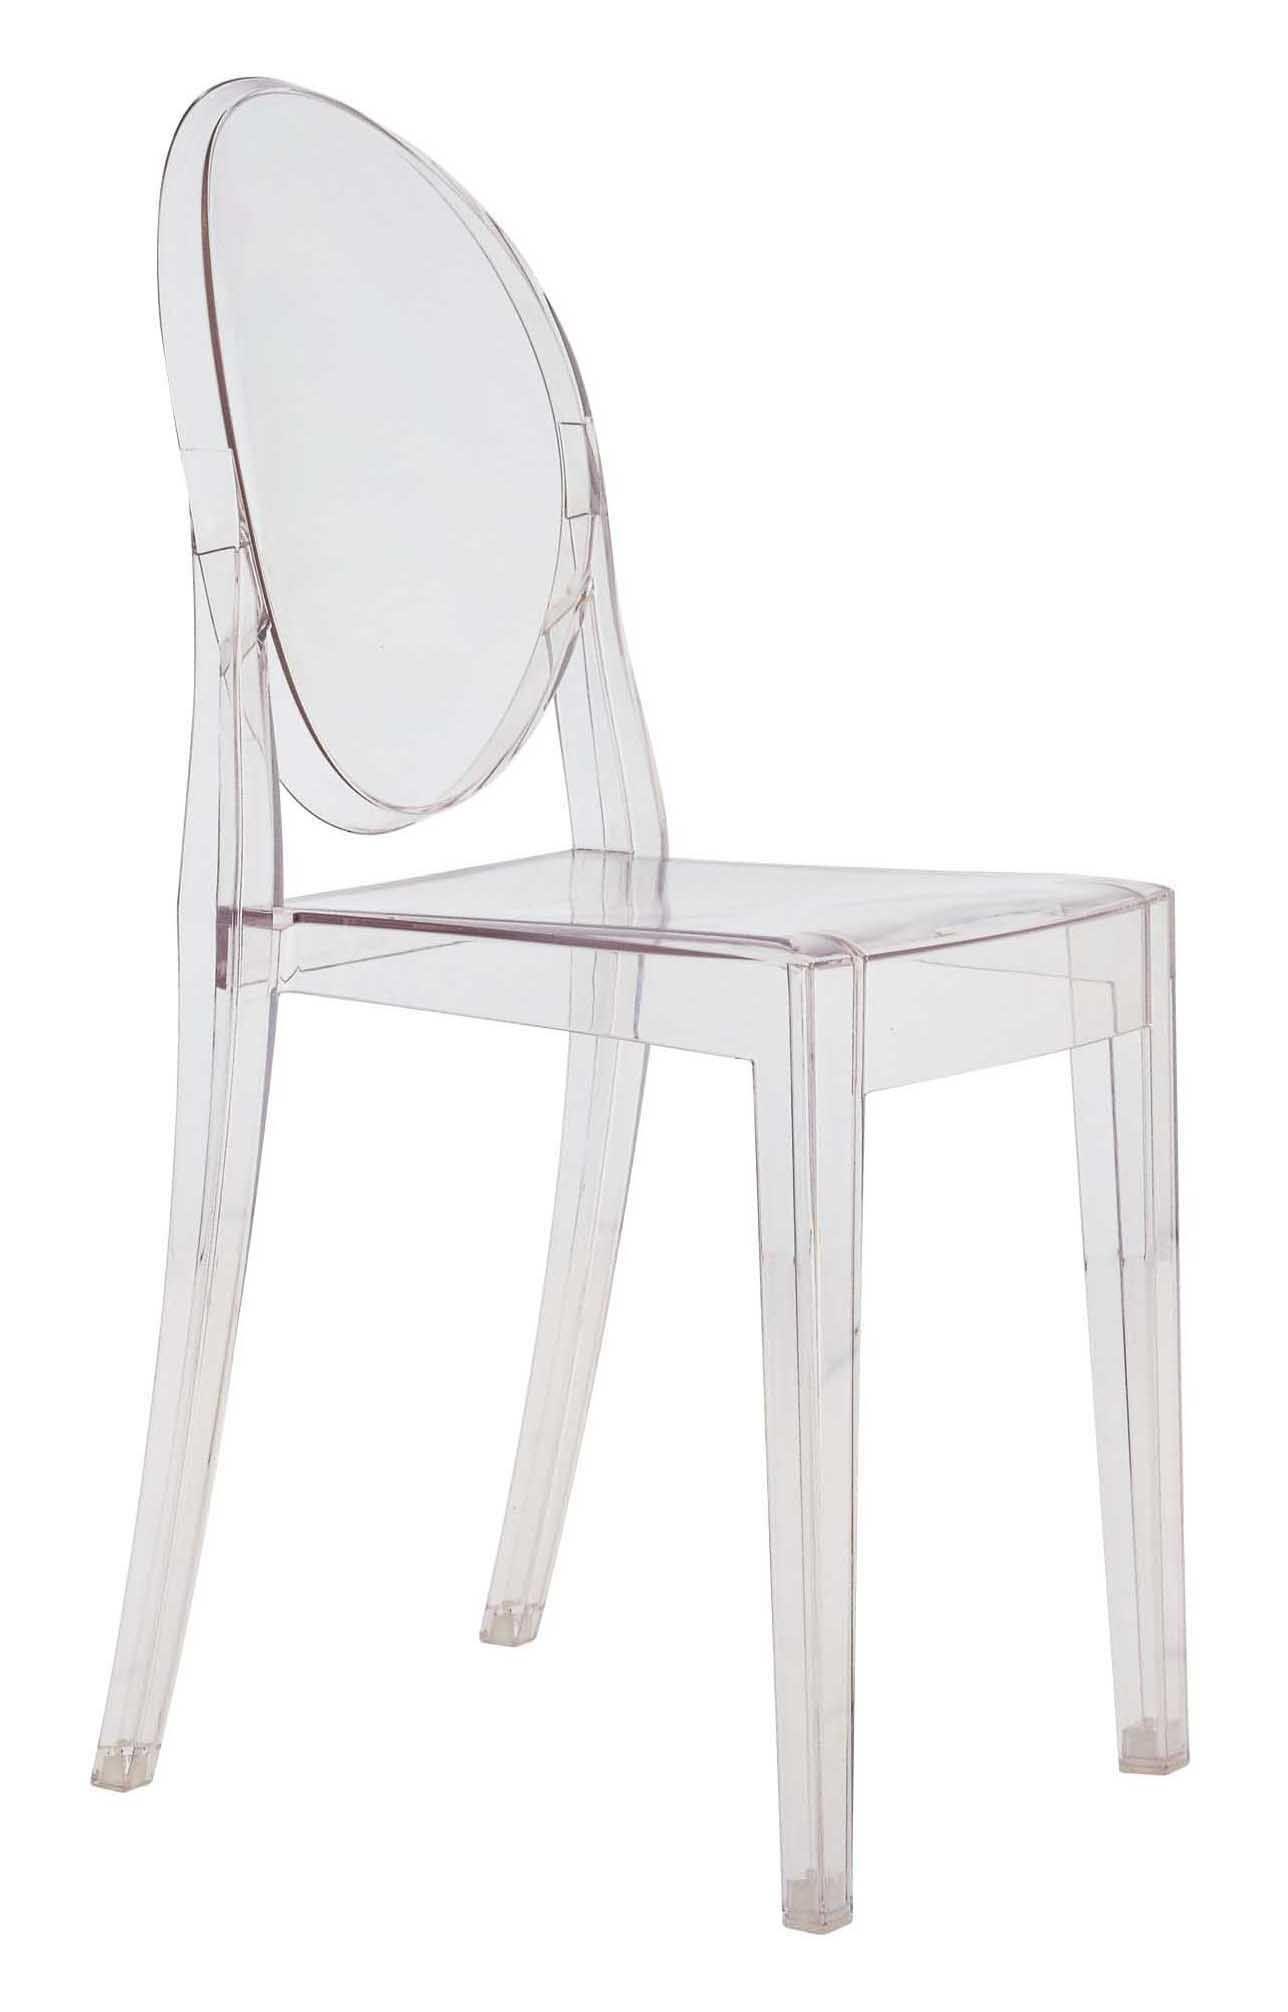 Möbel - Stühle  - Victoria Ghost Stapelbarer Stuhl - Kartell - Kristall - Polykarbonat